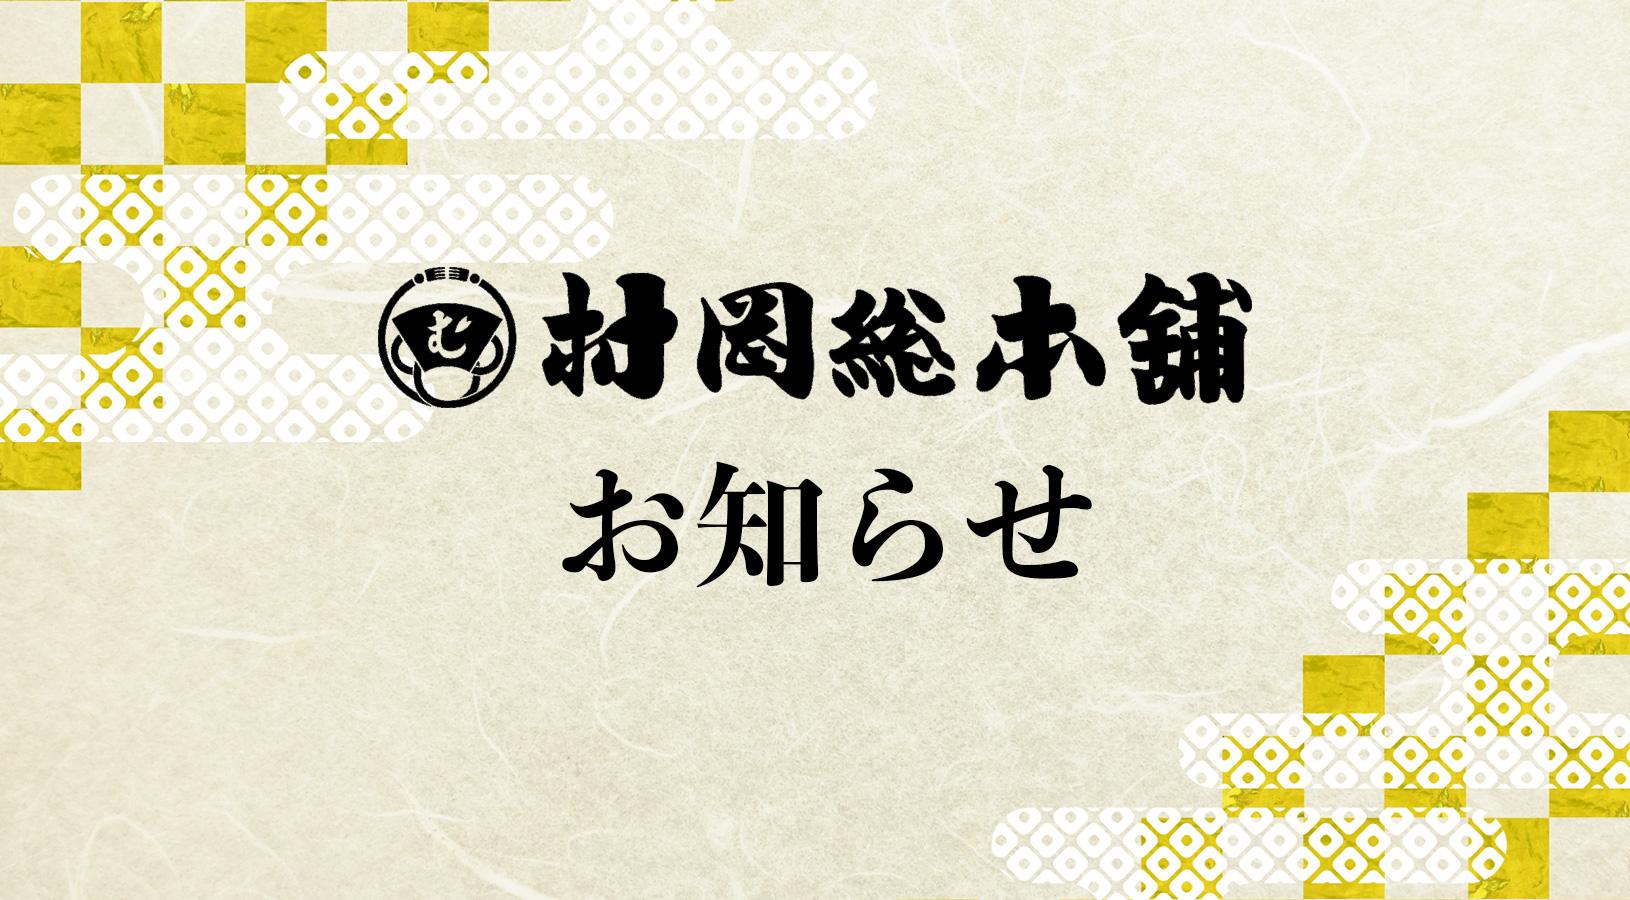 アイキャッチ画像 お知らせ